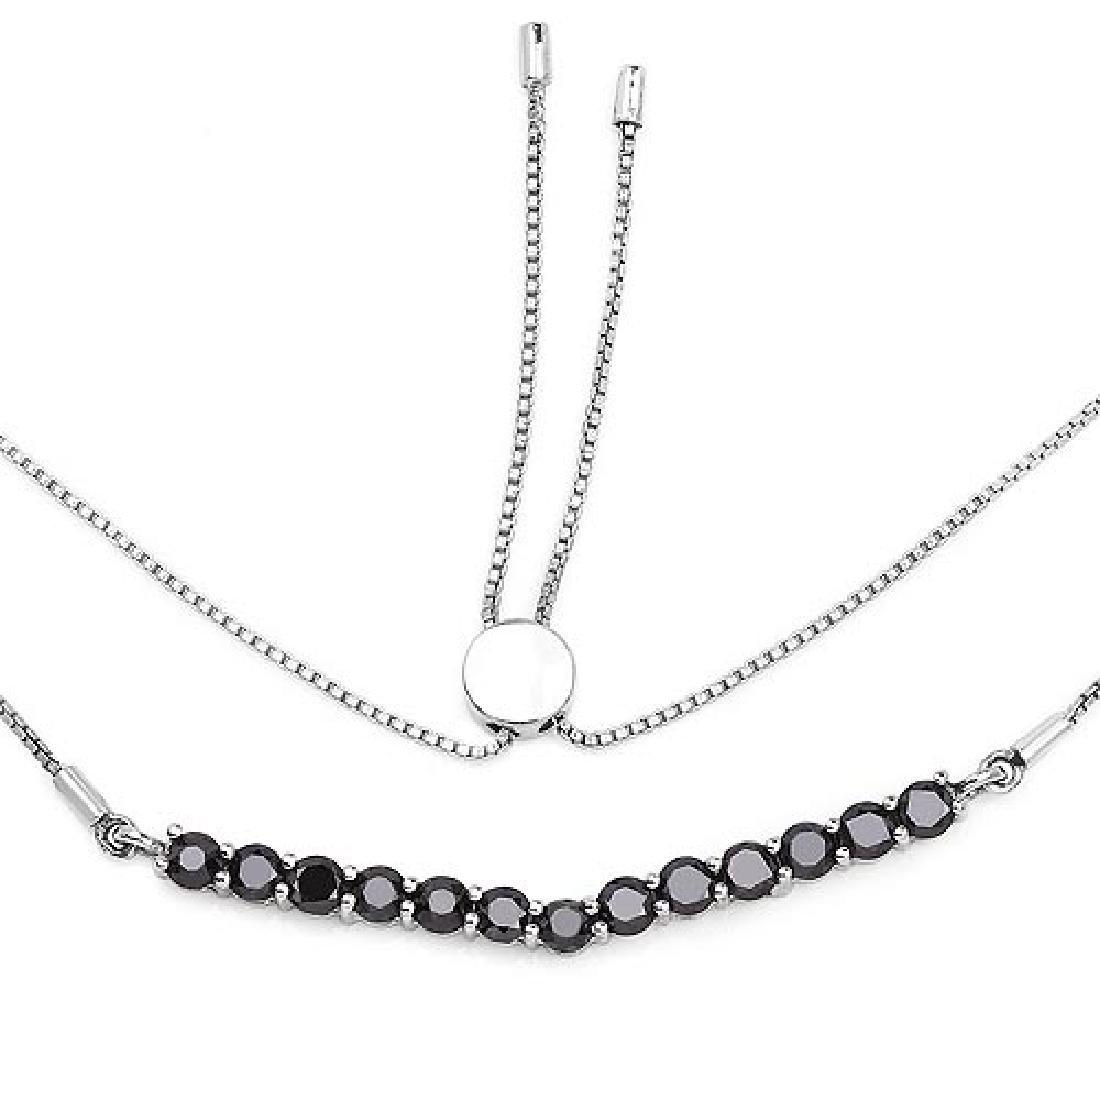 2.28 Carat Genuine Black Diamond .925 Sterling Silver N